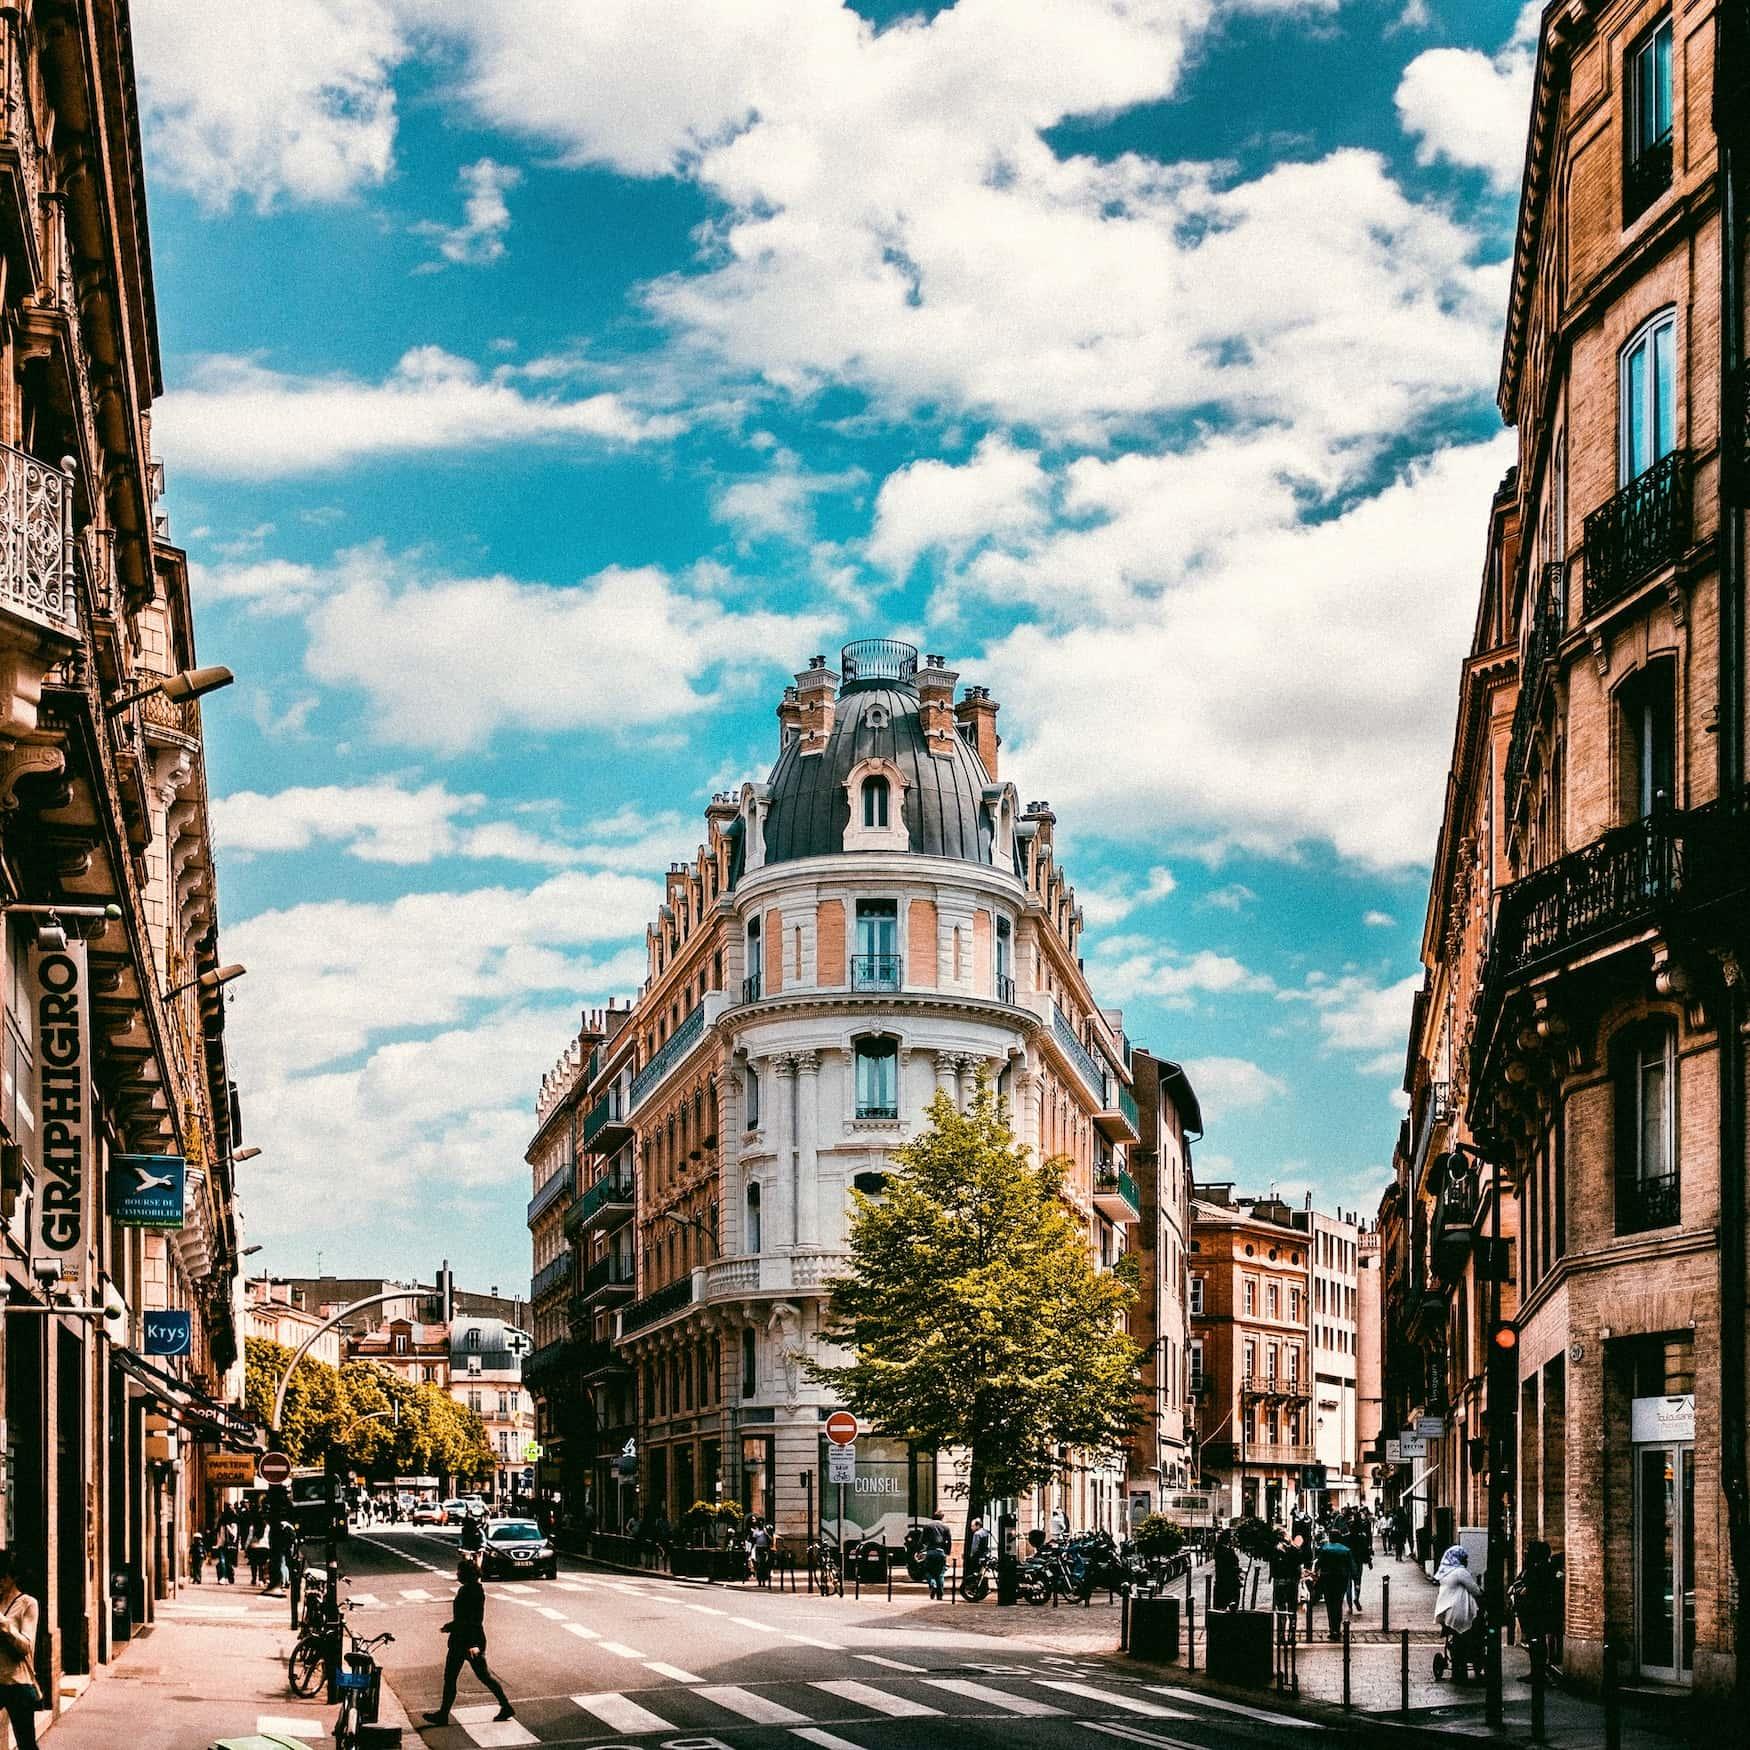 Straßen mit Boutiquen in Toulouse